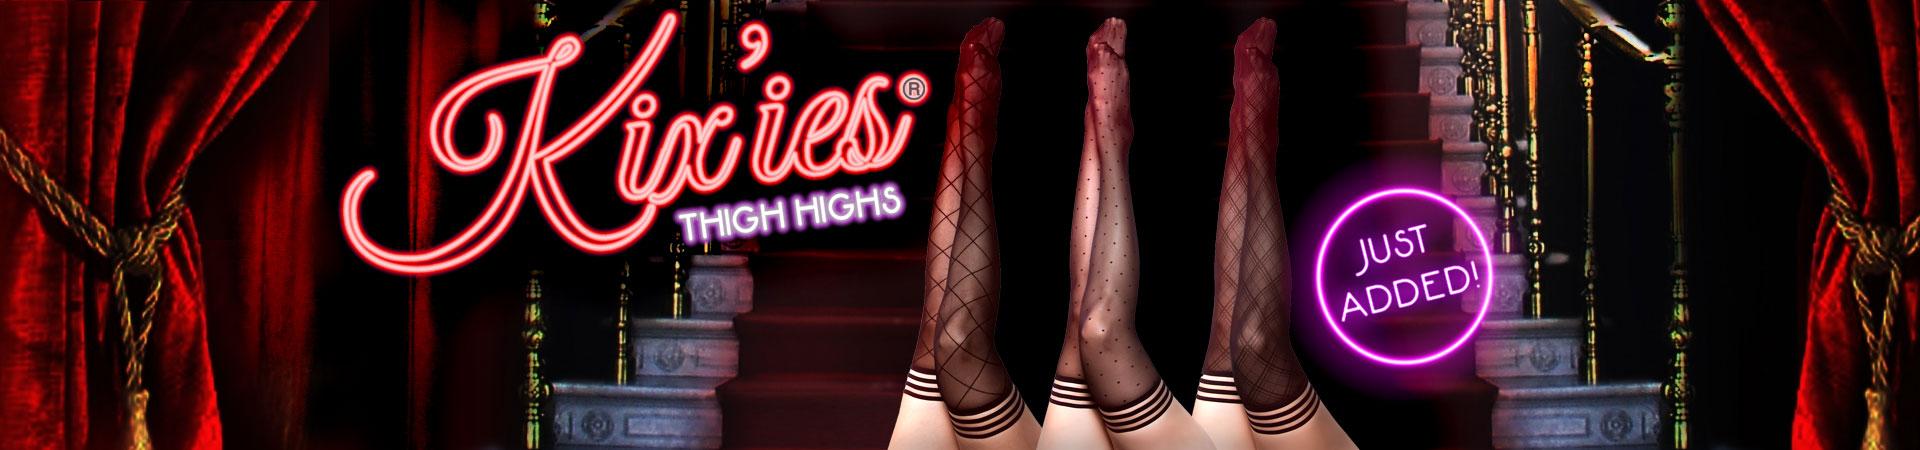 Hot New Kix'ies Thigh Highs!